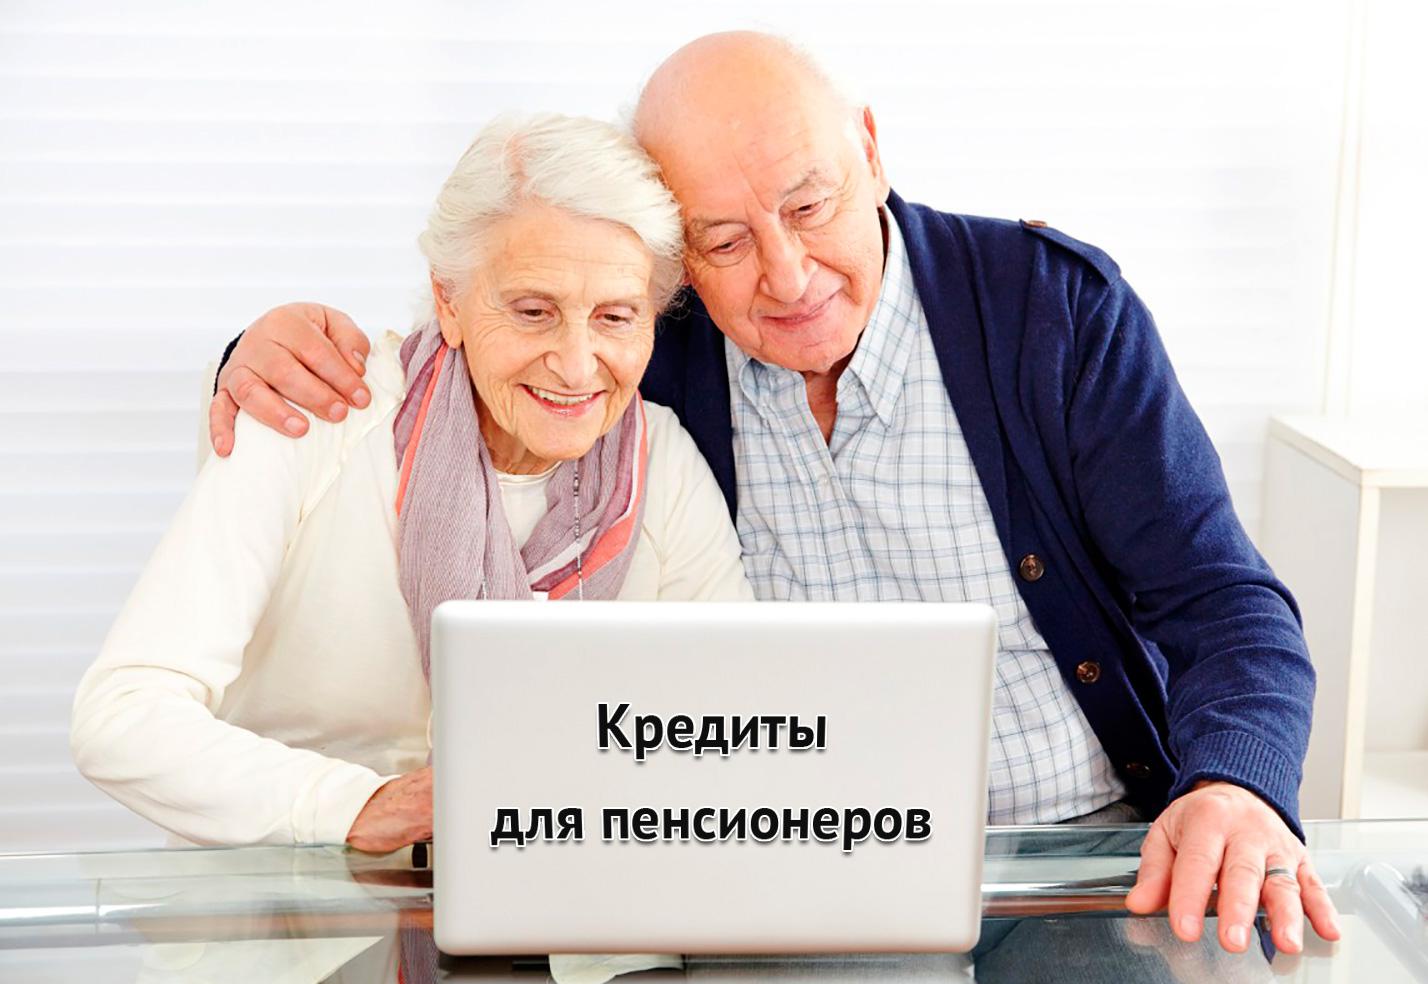 Хоум кредит банк кредит наличными для пенсионеров условия